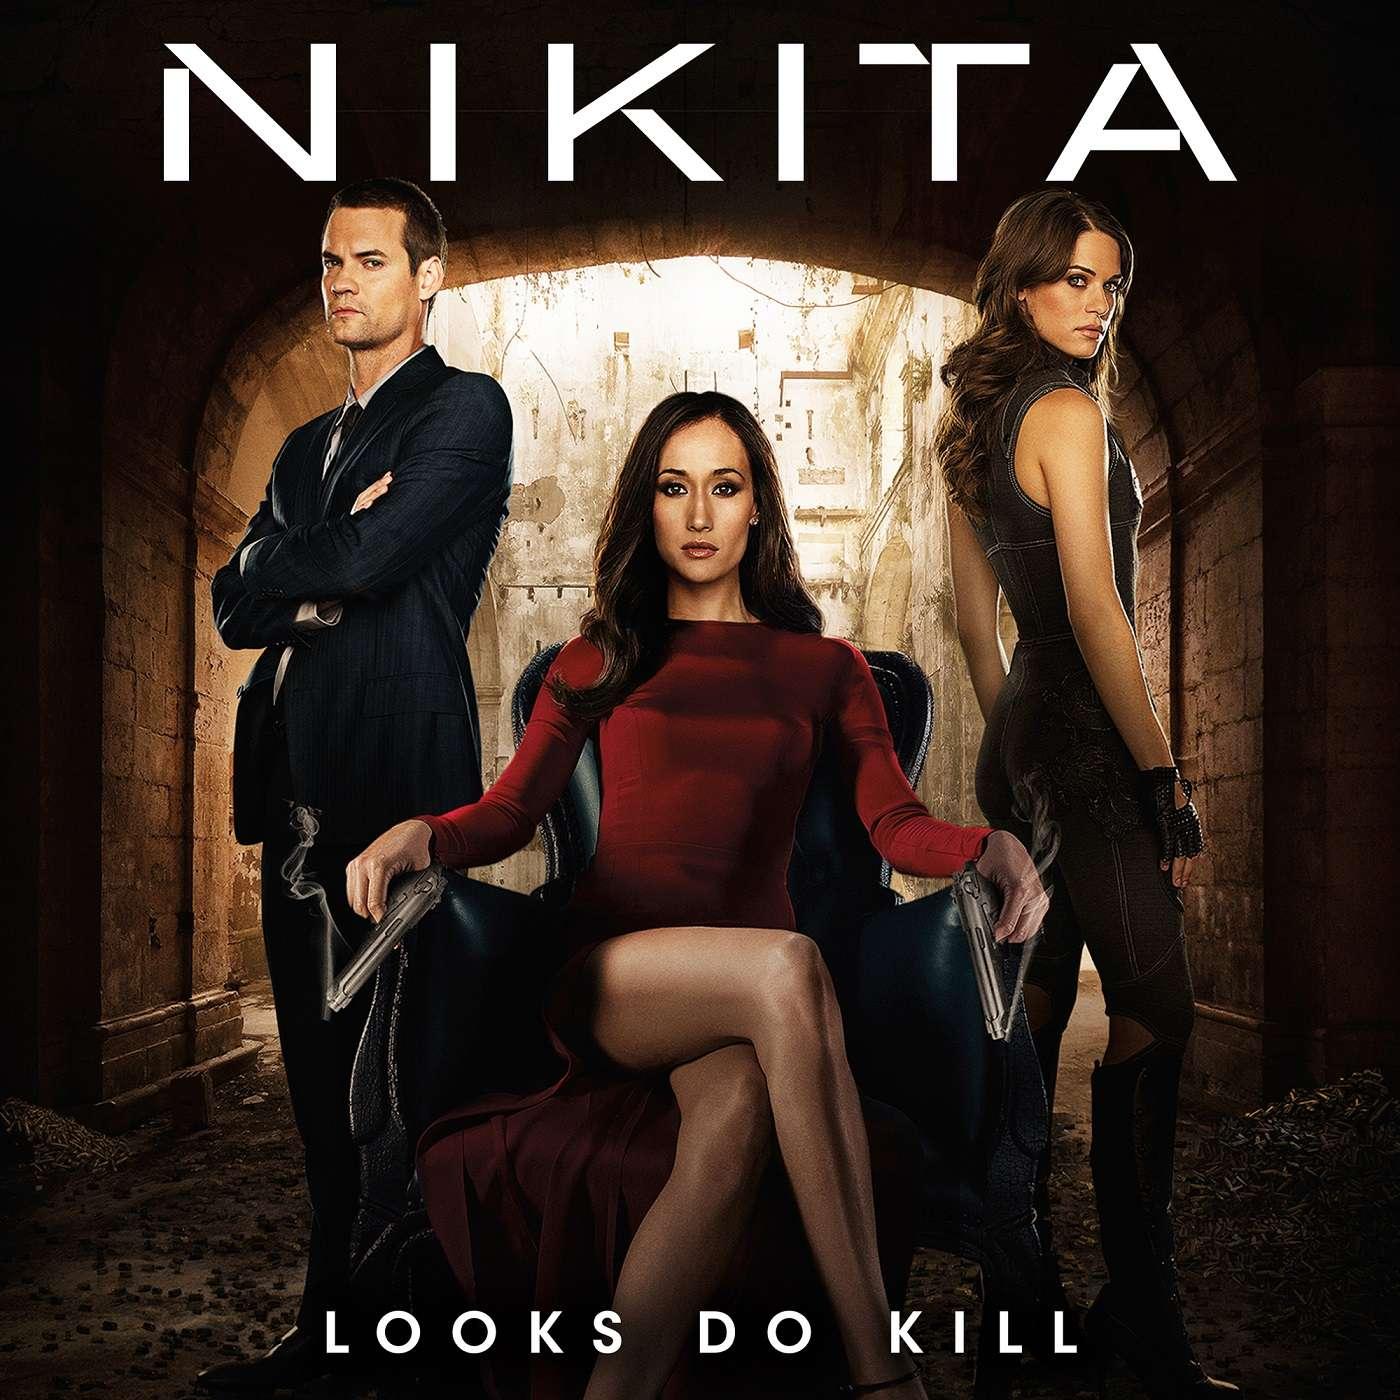 Nikita S04 720p 1080p WEB-DL | S04E01-06